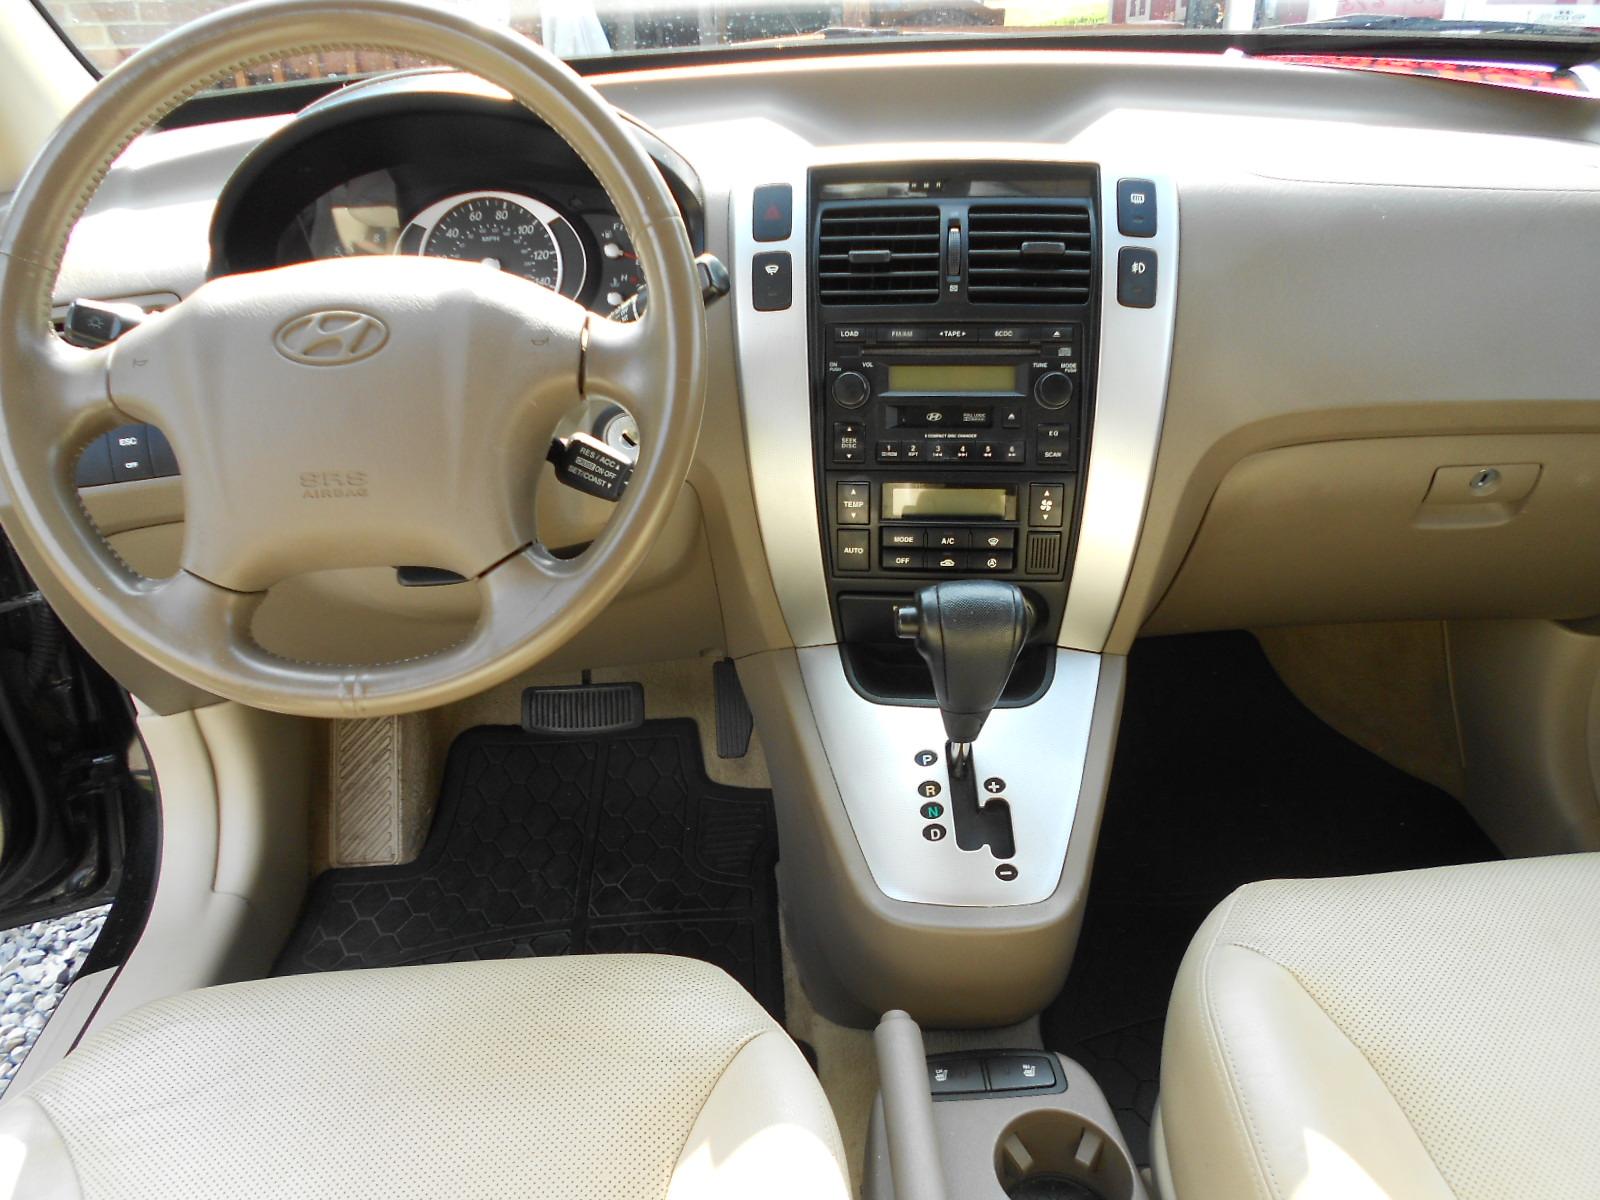 2006 Hyundai Tucson Interior Pictures Cargurus